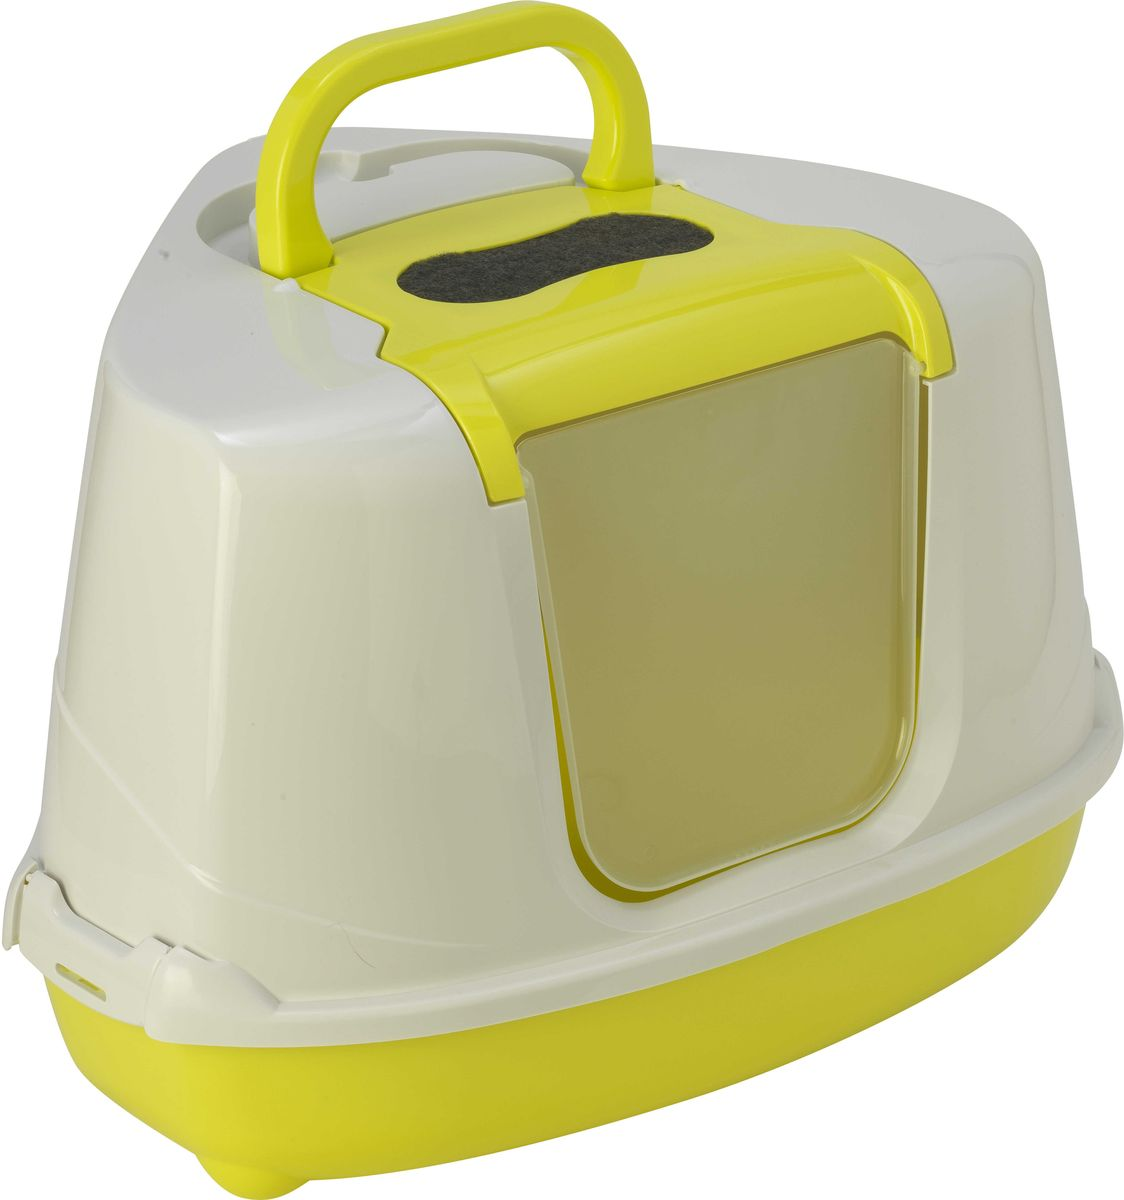 Туалет для кошек Moderna  Flip Corner , закрытый, угловой, цвет: лимон, 56 х 45 х 39 см - Наполнители и туалетные принадлежности